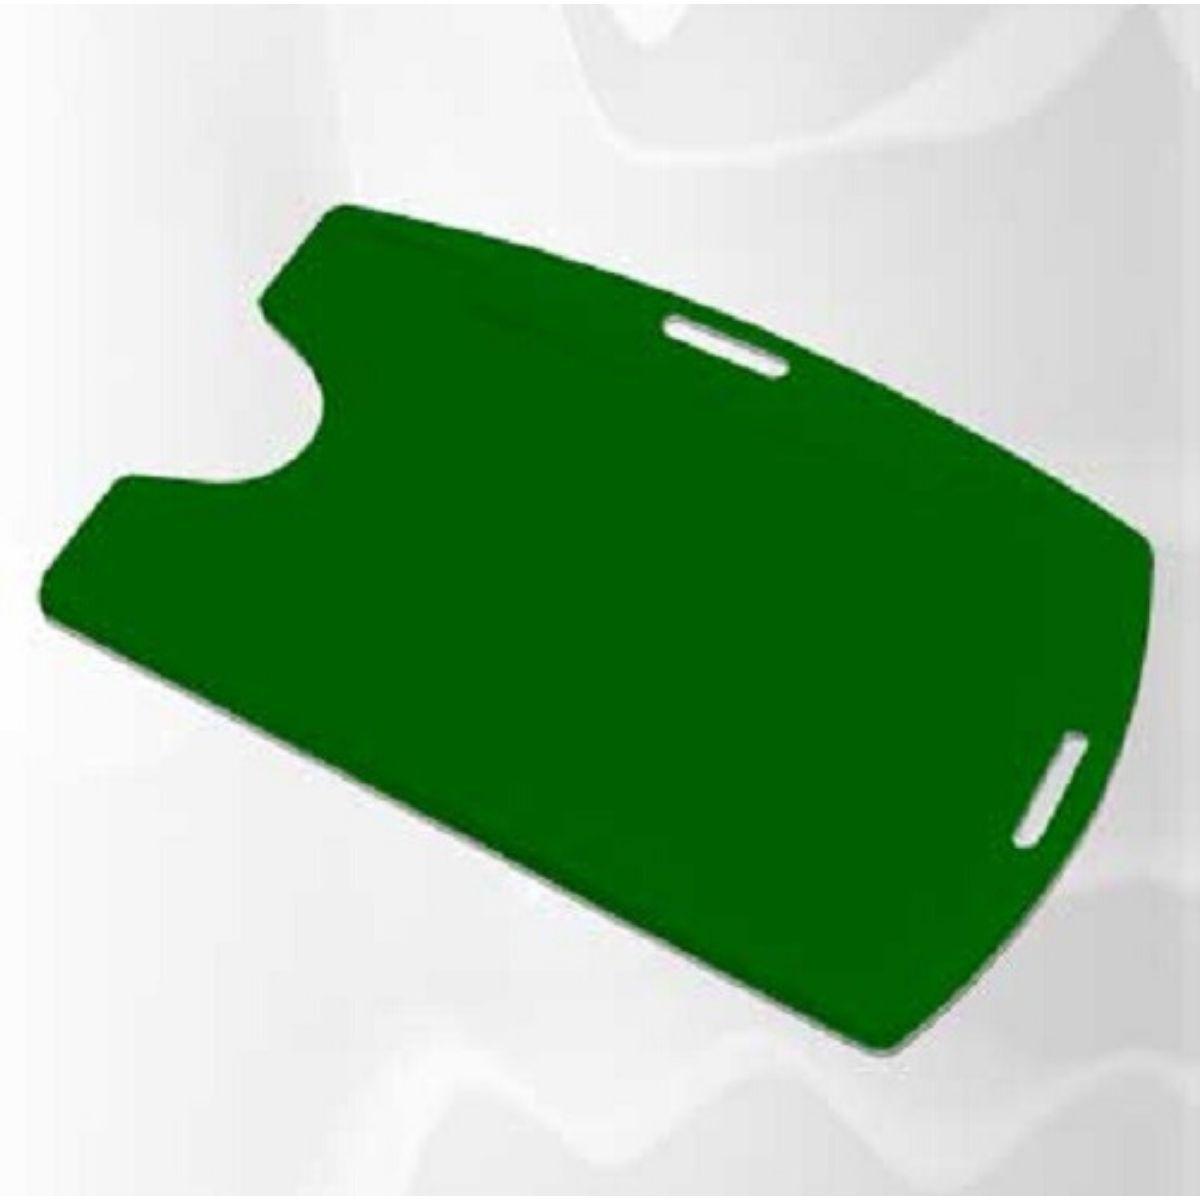 Porta Crachá Rígido M3 Conjugado Verde - Caixa com 100 unidades  - Click Suprimentos